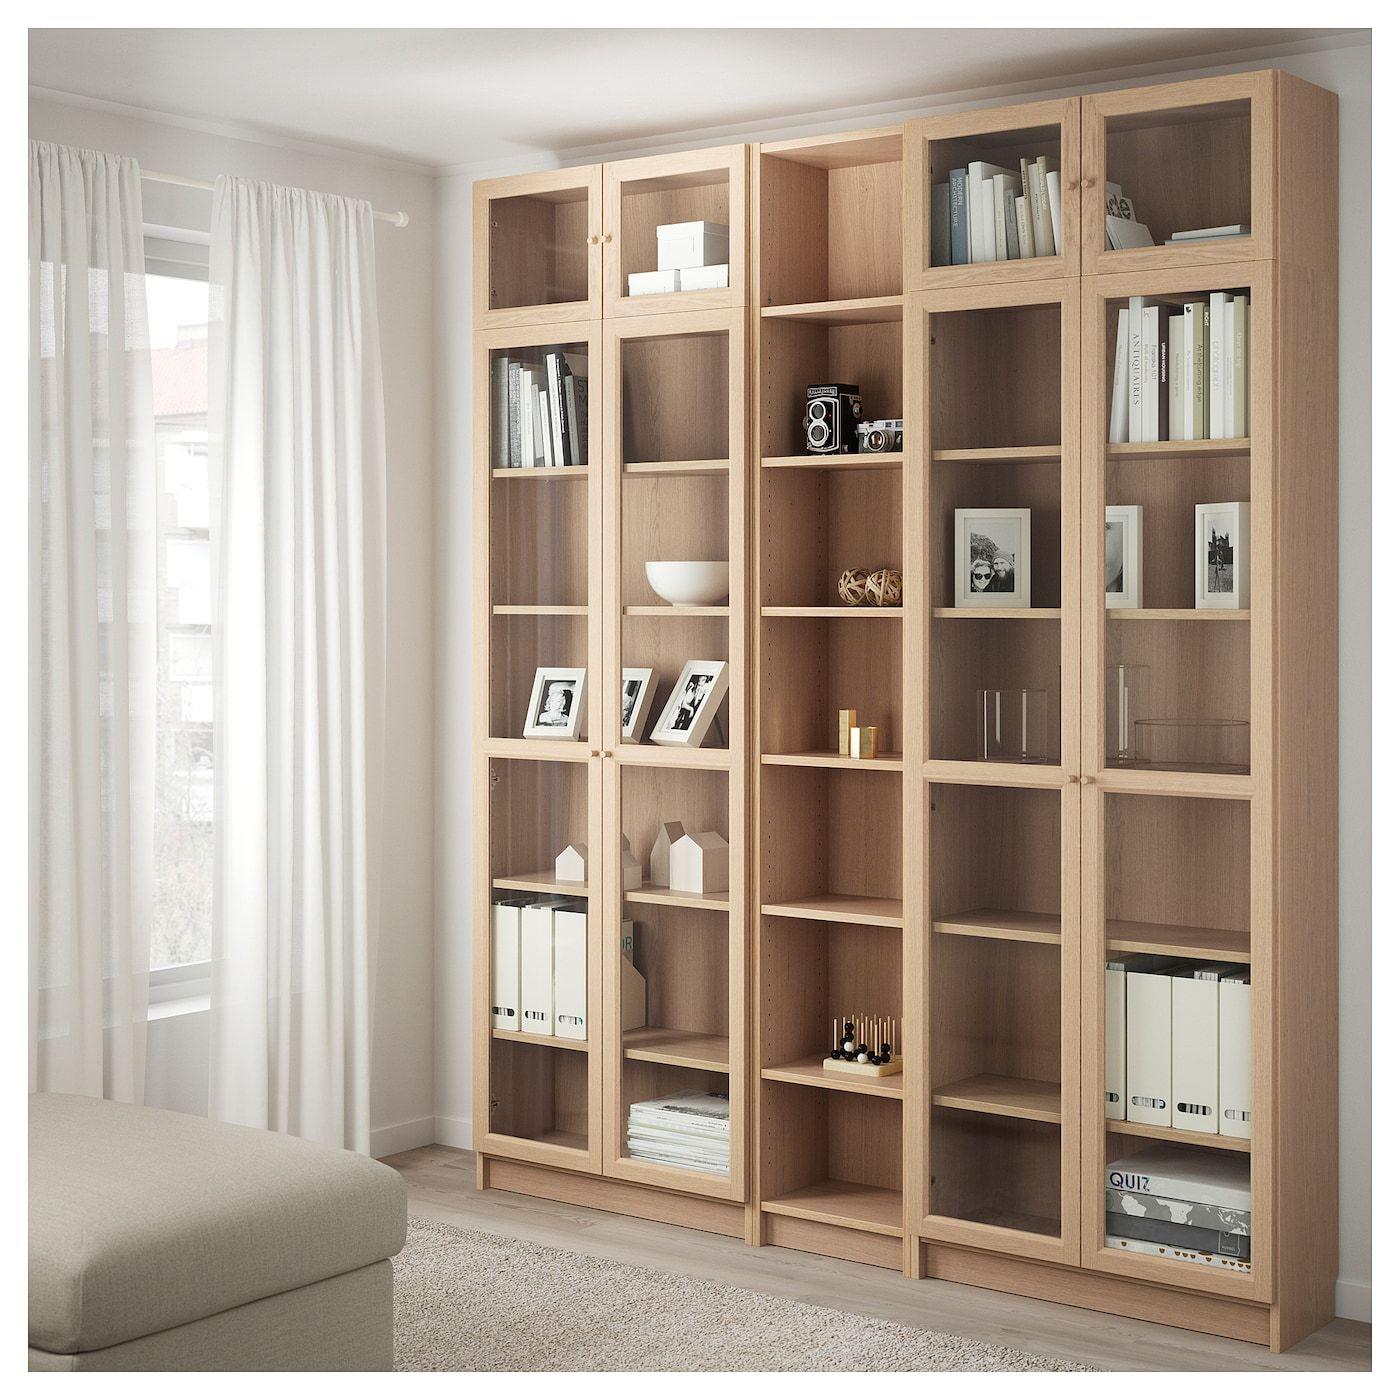 BILLY Bücherregal mit Aufsatzregal Eichenfurnier weiß